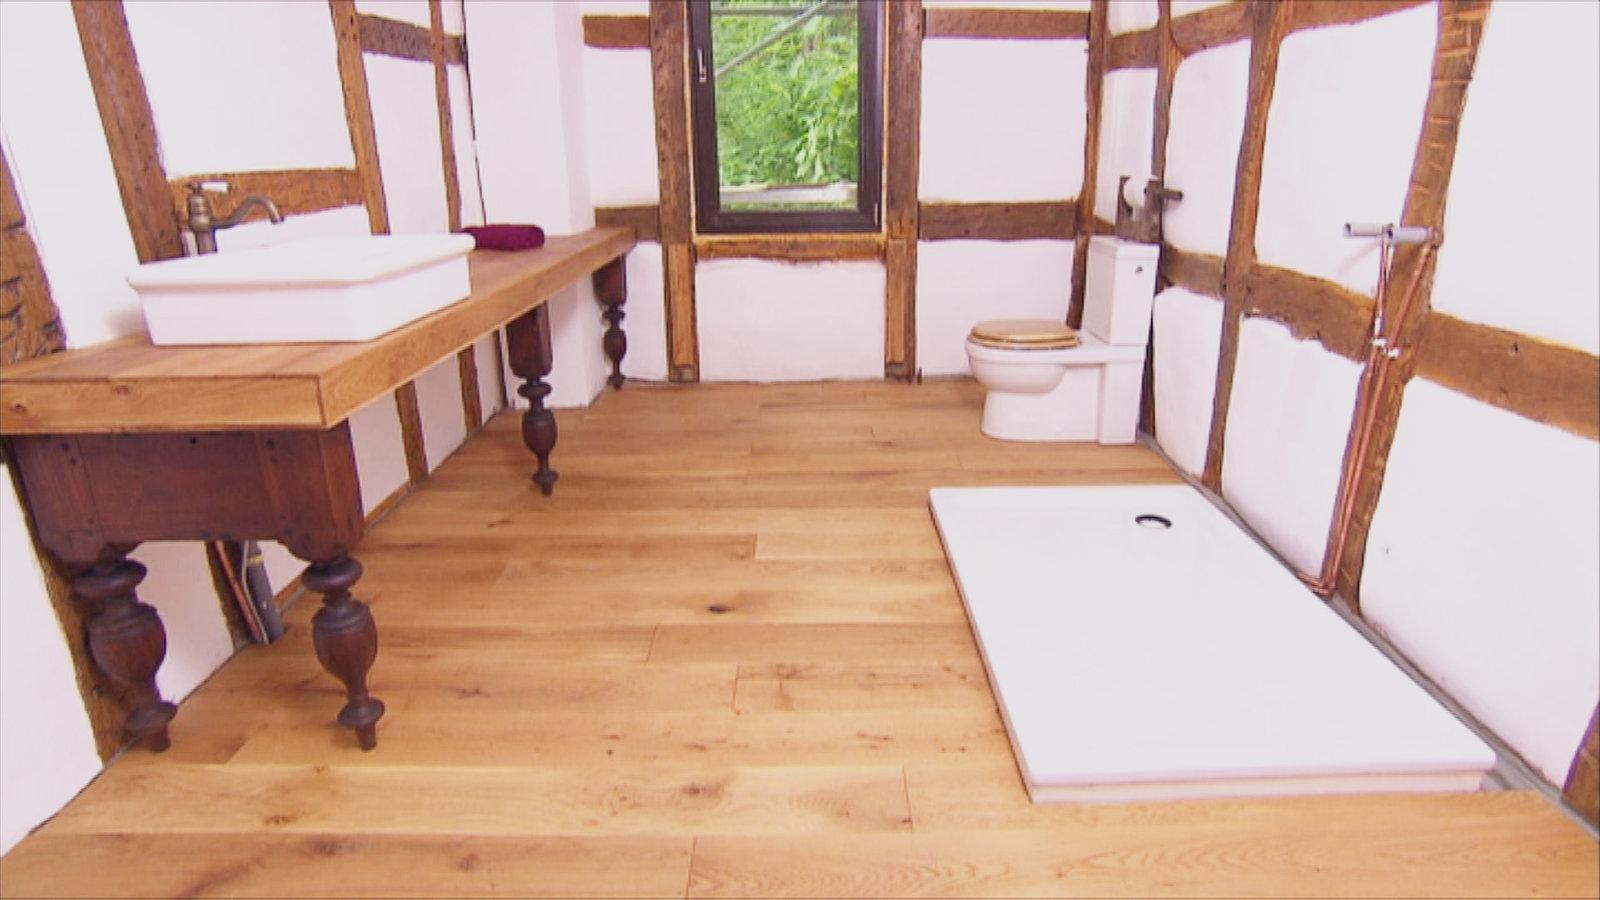 Badezimmer tisch  So klappt es mit Holz im Badezimmer - Wohnen - Verbraucher - WDR